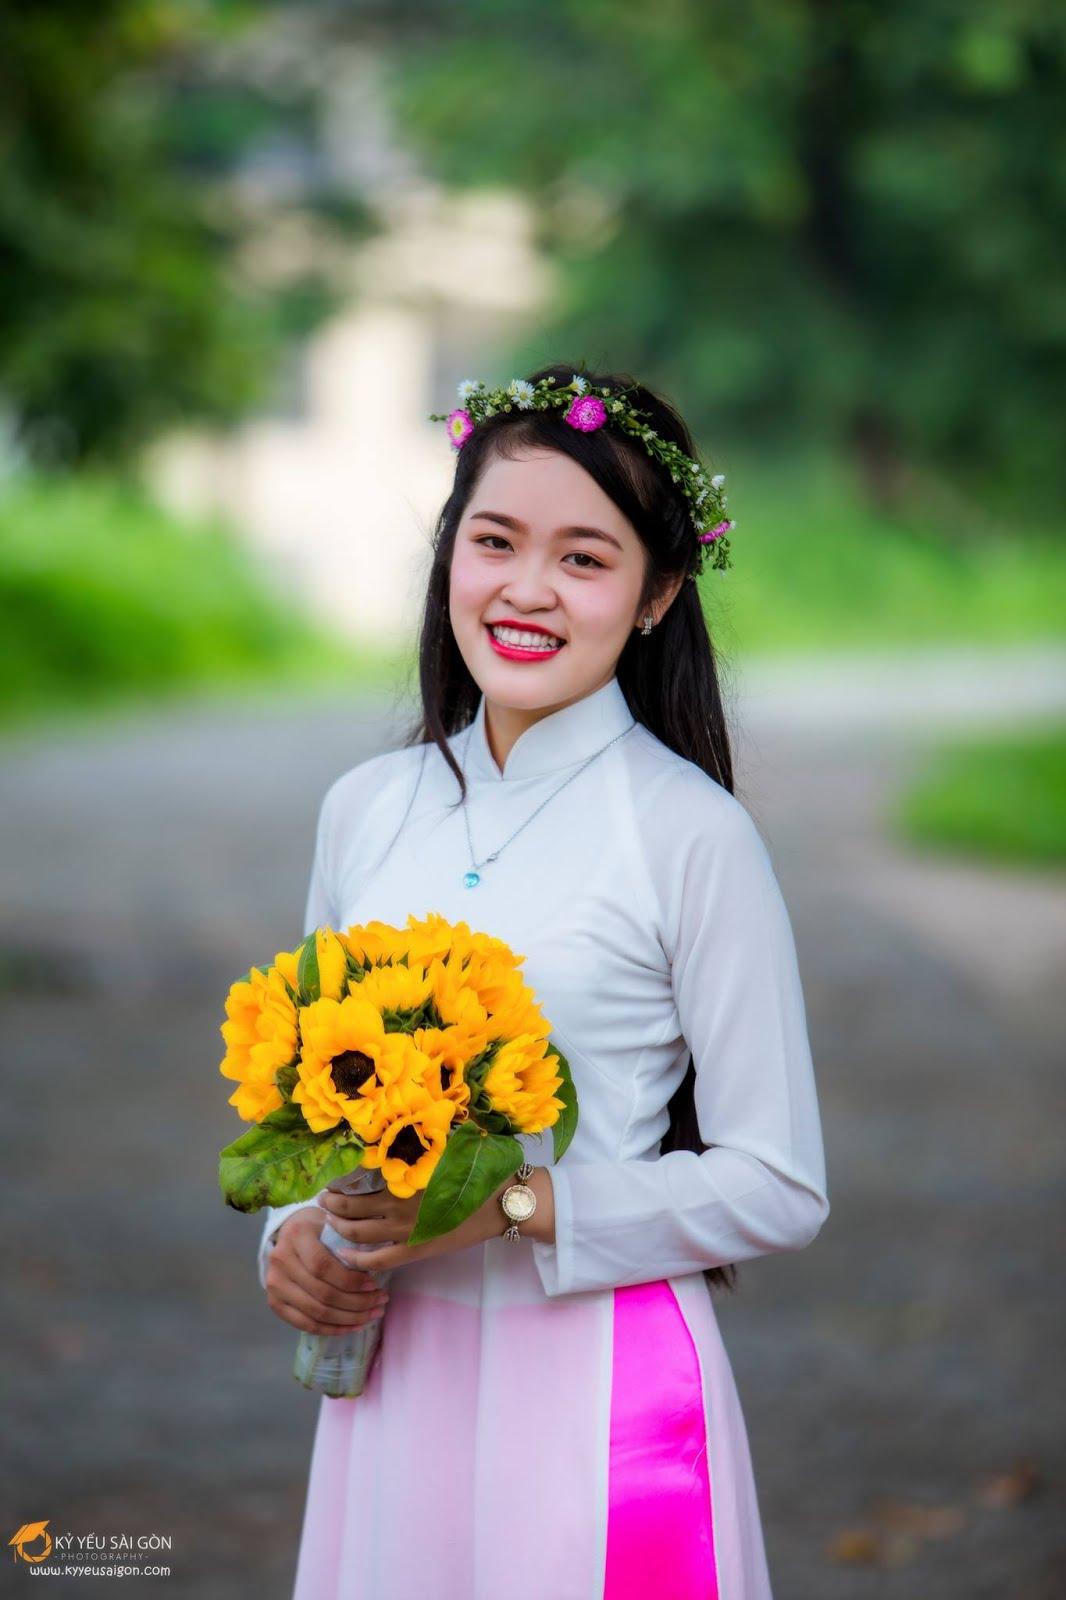 Hoa hướng dương cũng là một loài hoa rất quen thuộc và mang lại rất nhiều ý nghĩa. Chụp ảnh kỷ yếu cùng hoa hướng dương sẽ khiến bạn trở nên đẹp ...